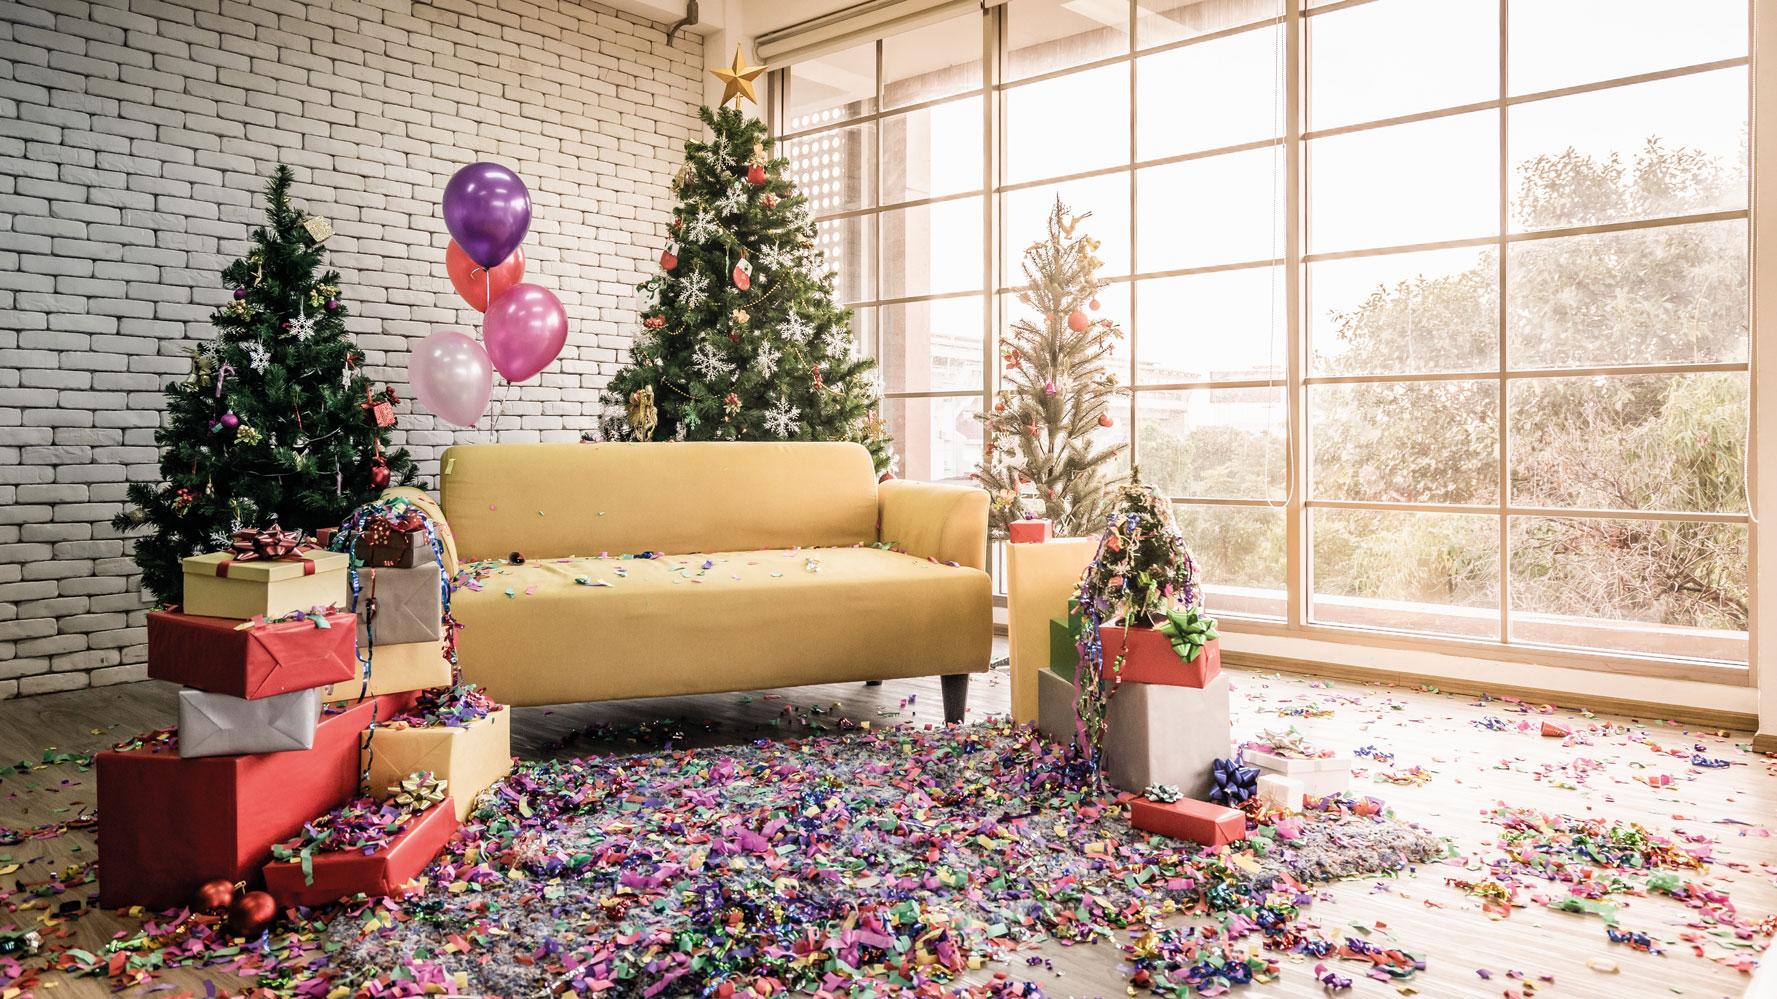 Full Size of Prowin Hochglanz Zeit Fr Den Weihnachtsputz Impuls Lifestyle Küche Weiß Einbauküche Weiss Bad Kommode Grau Regal Badezimmer Hochschrank Hängeschrank Wohnzimmer Prowin Hochglanz